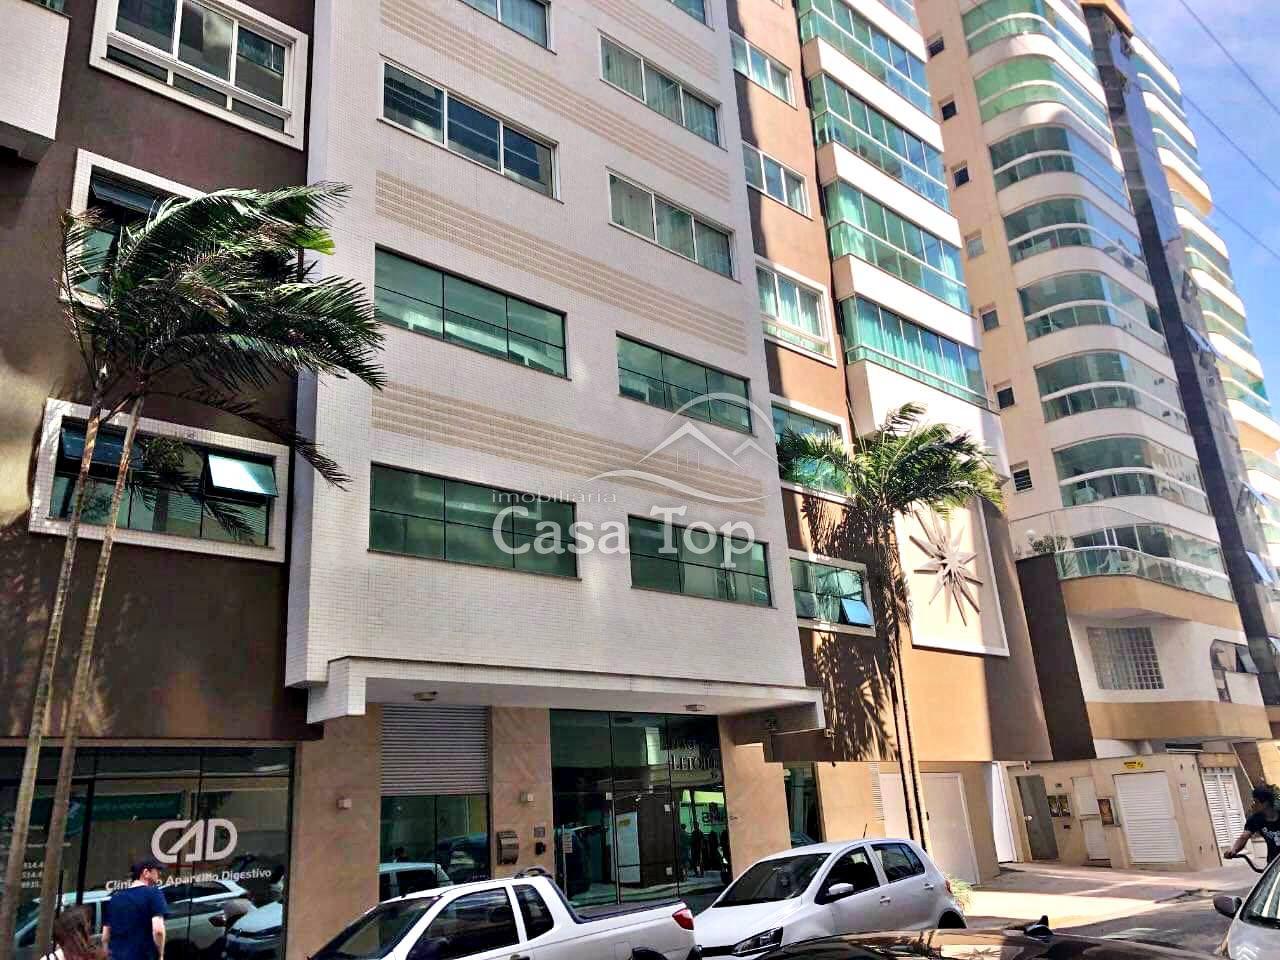 Apartamento à venda em Itapema/SC - Edifício Palace de Latoile